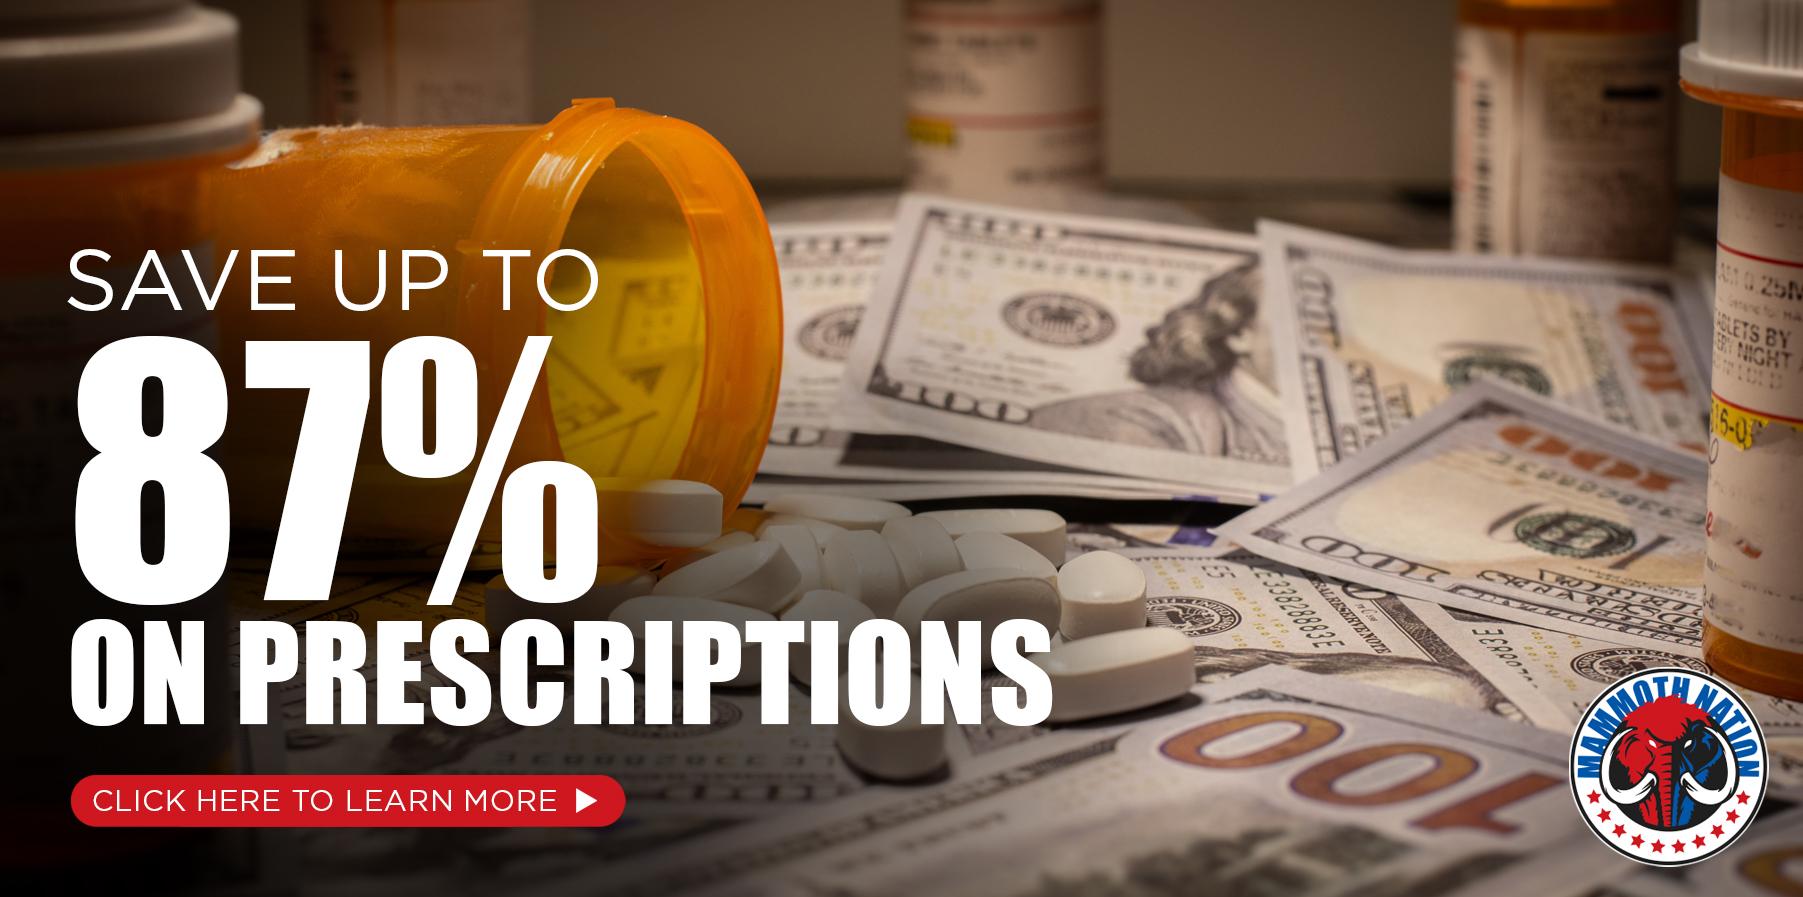 87% off Prescriptions